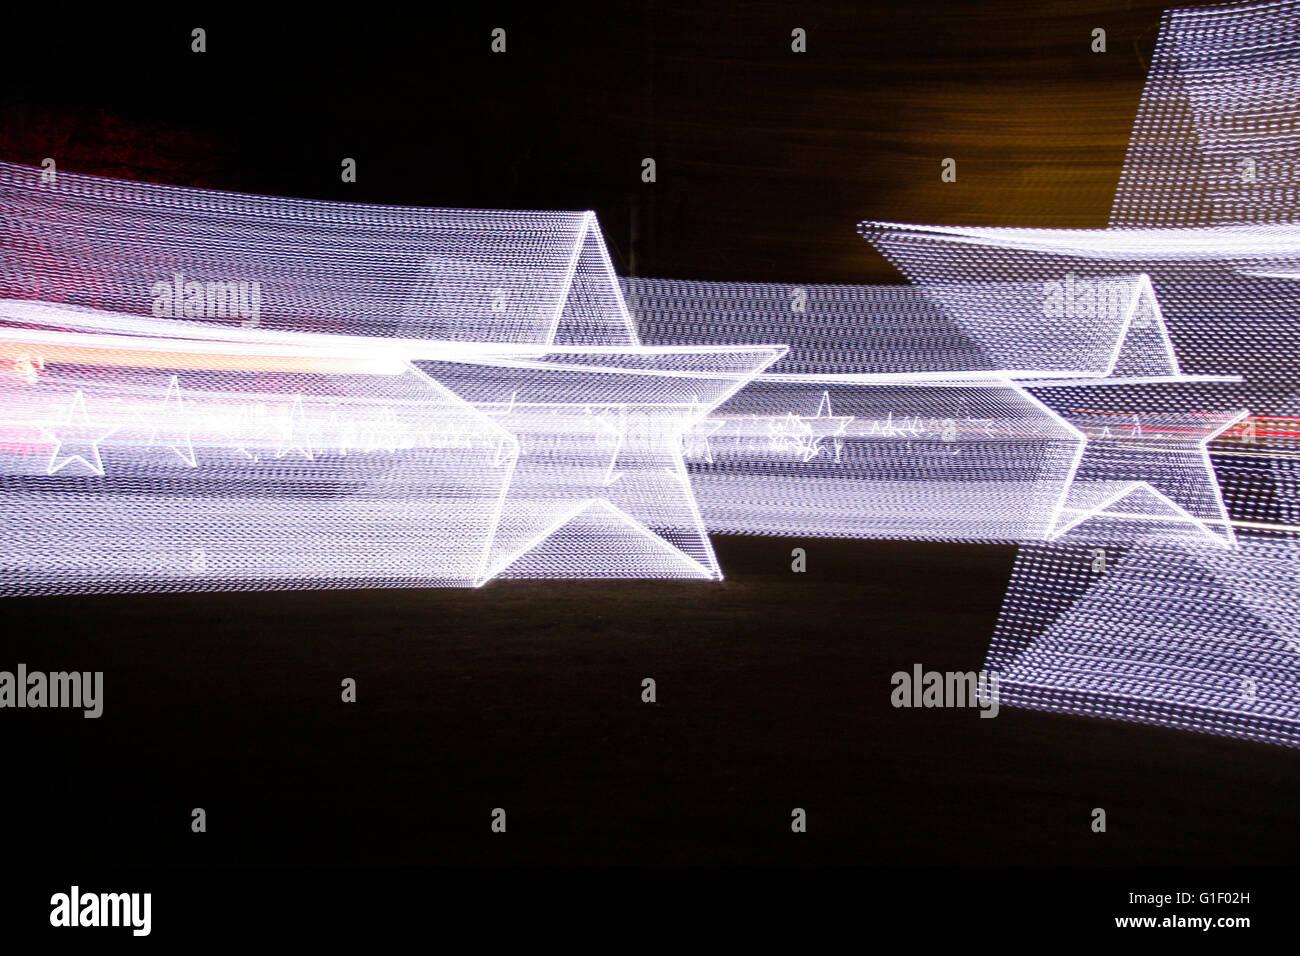 Lichtspur Abstrakt: Sterne. Stockbild